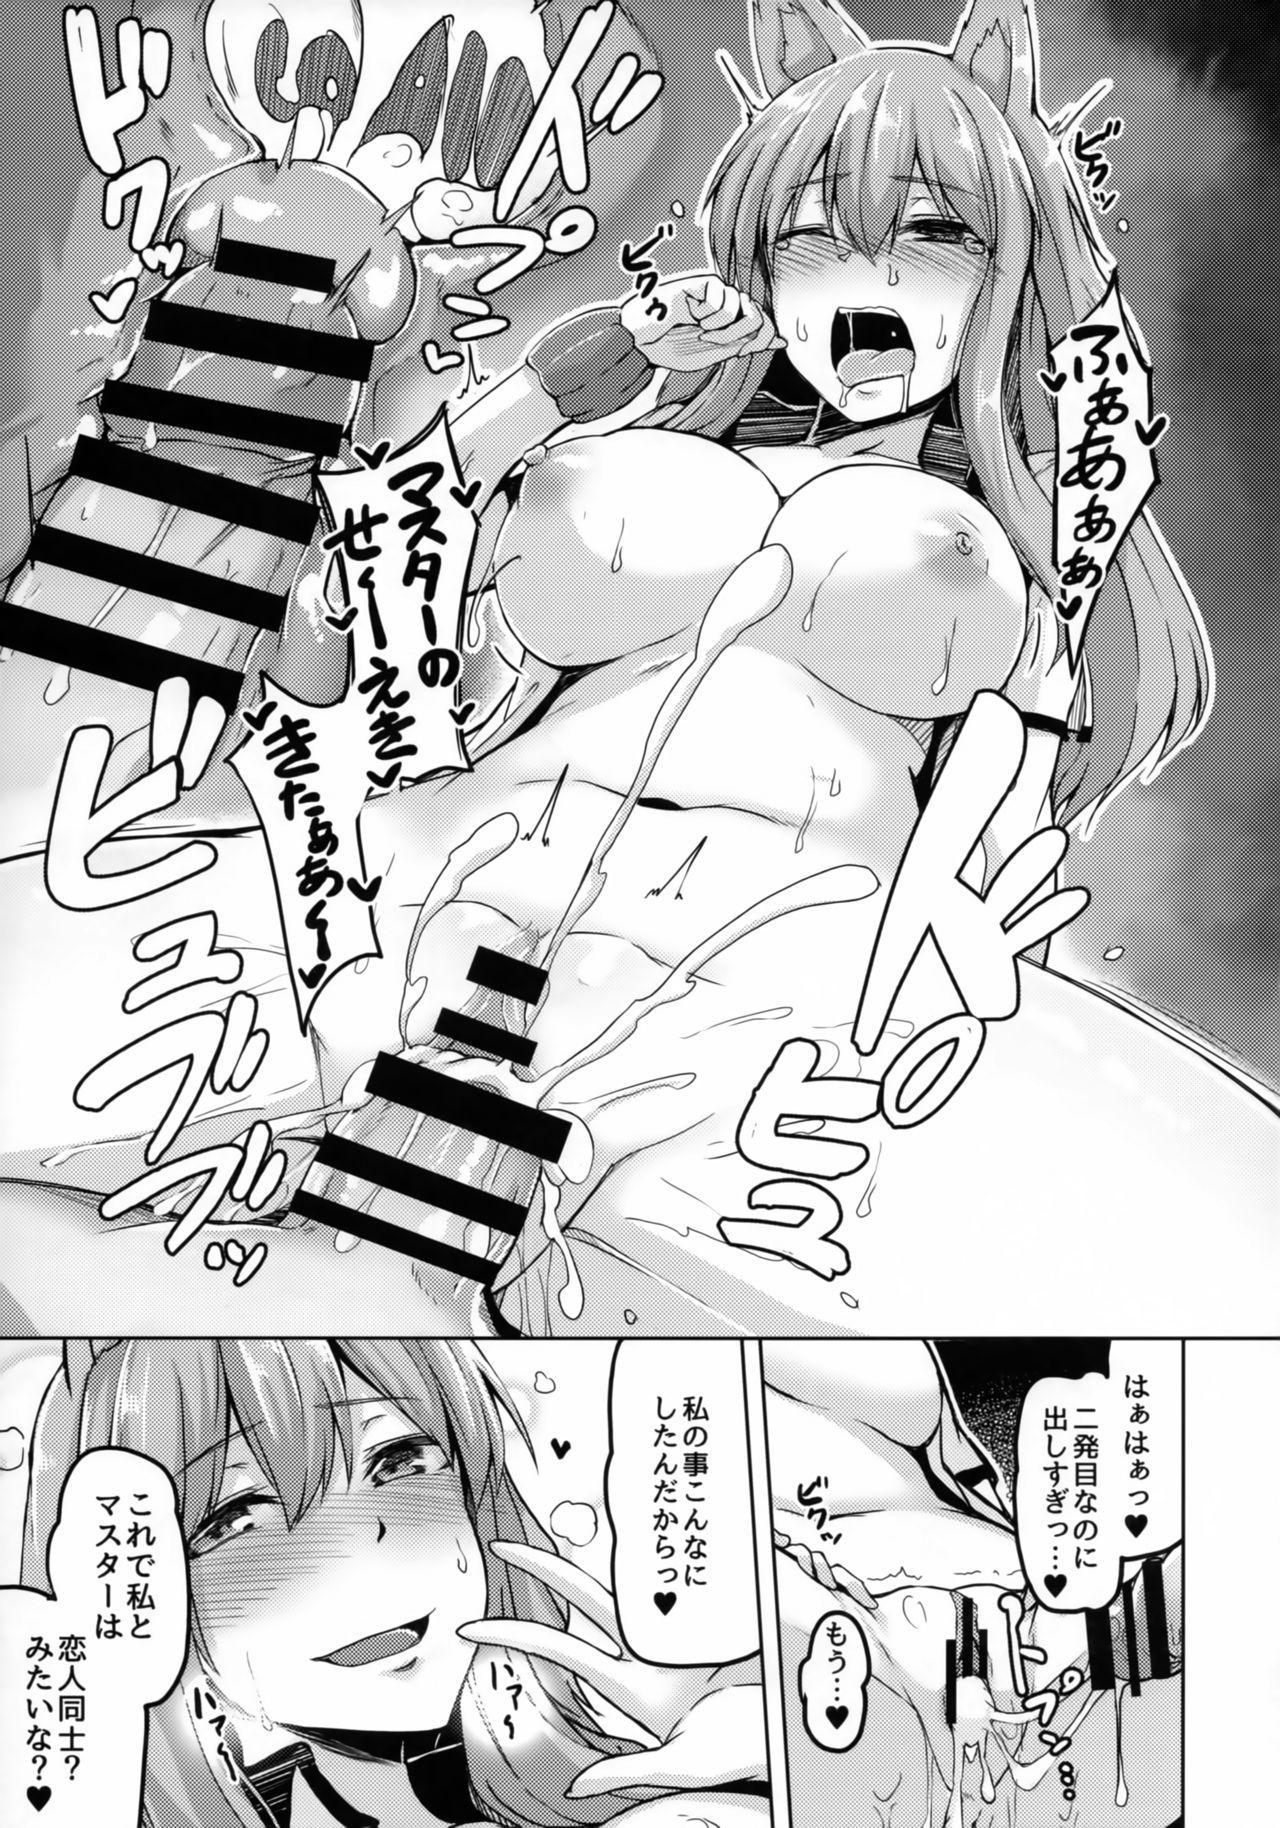 Reiju o Motte Hoshi 4 Servant to Ecchi Shitai 13